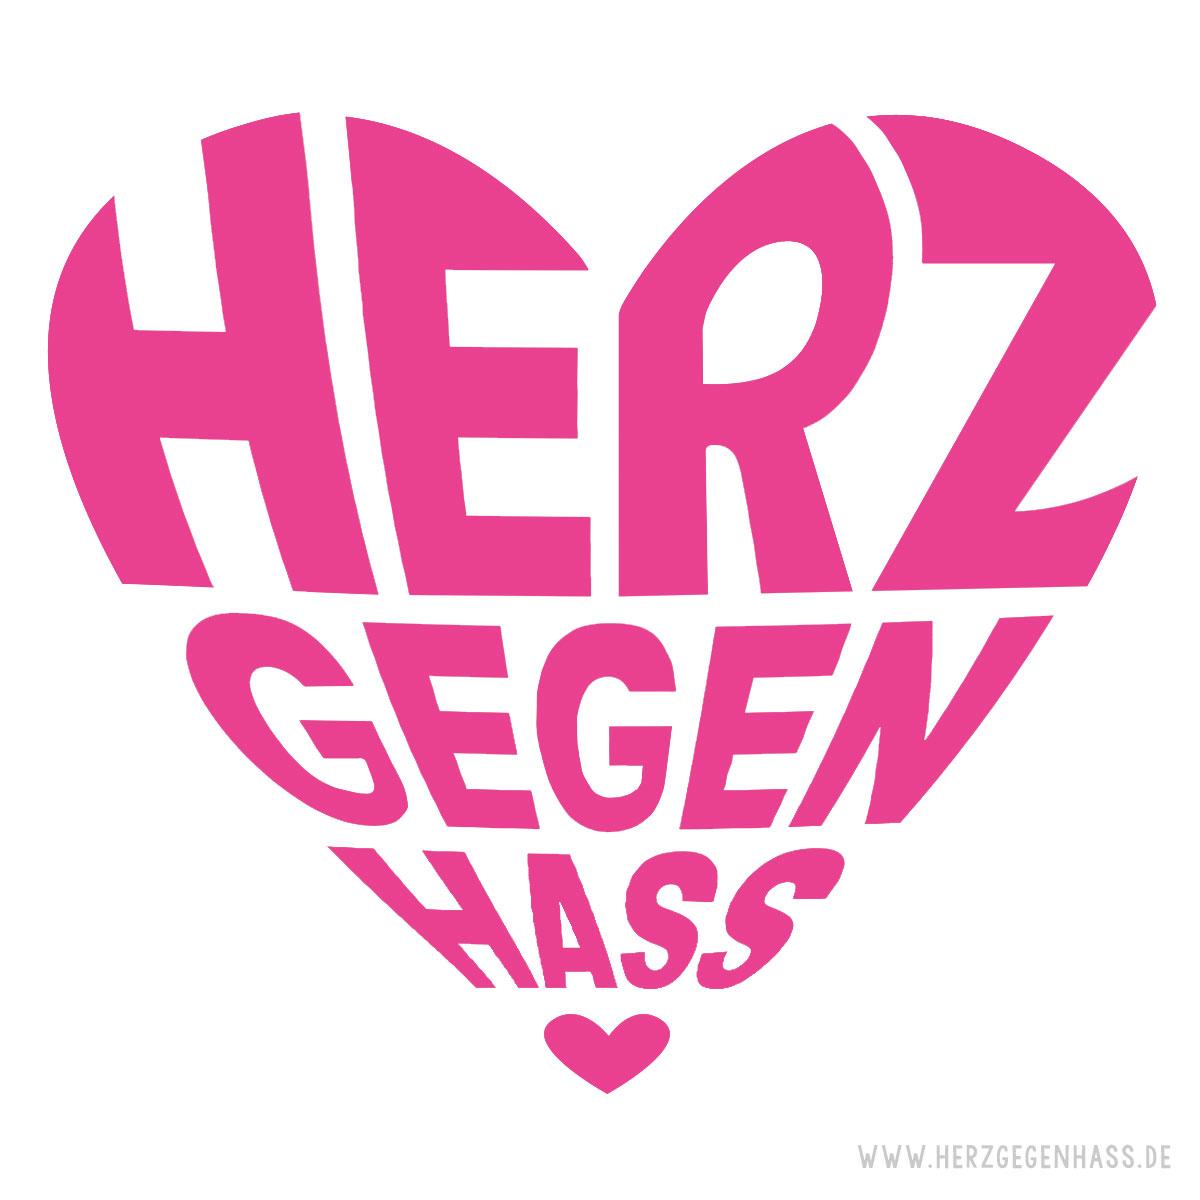 herzgegenhass.de